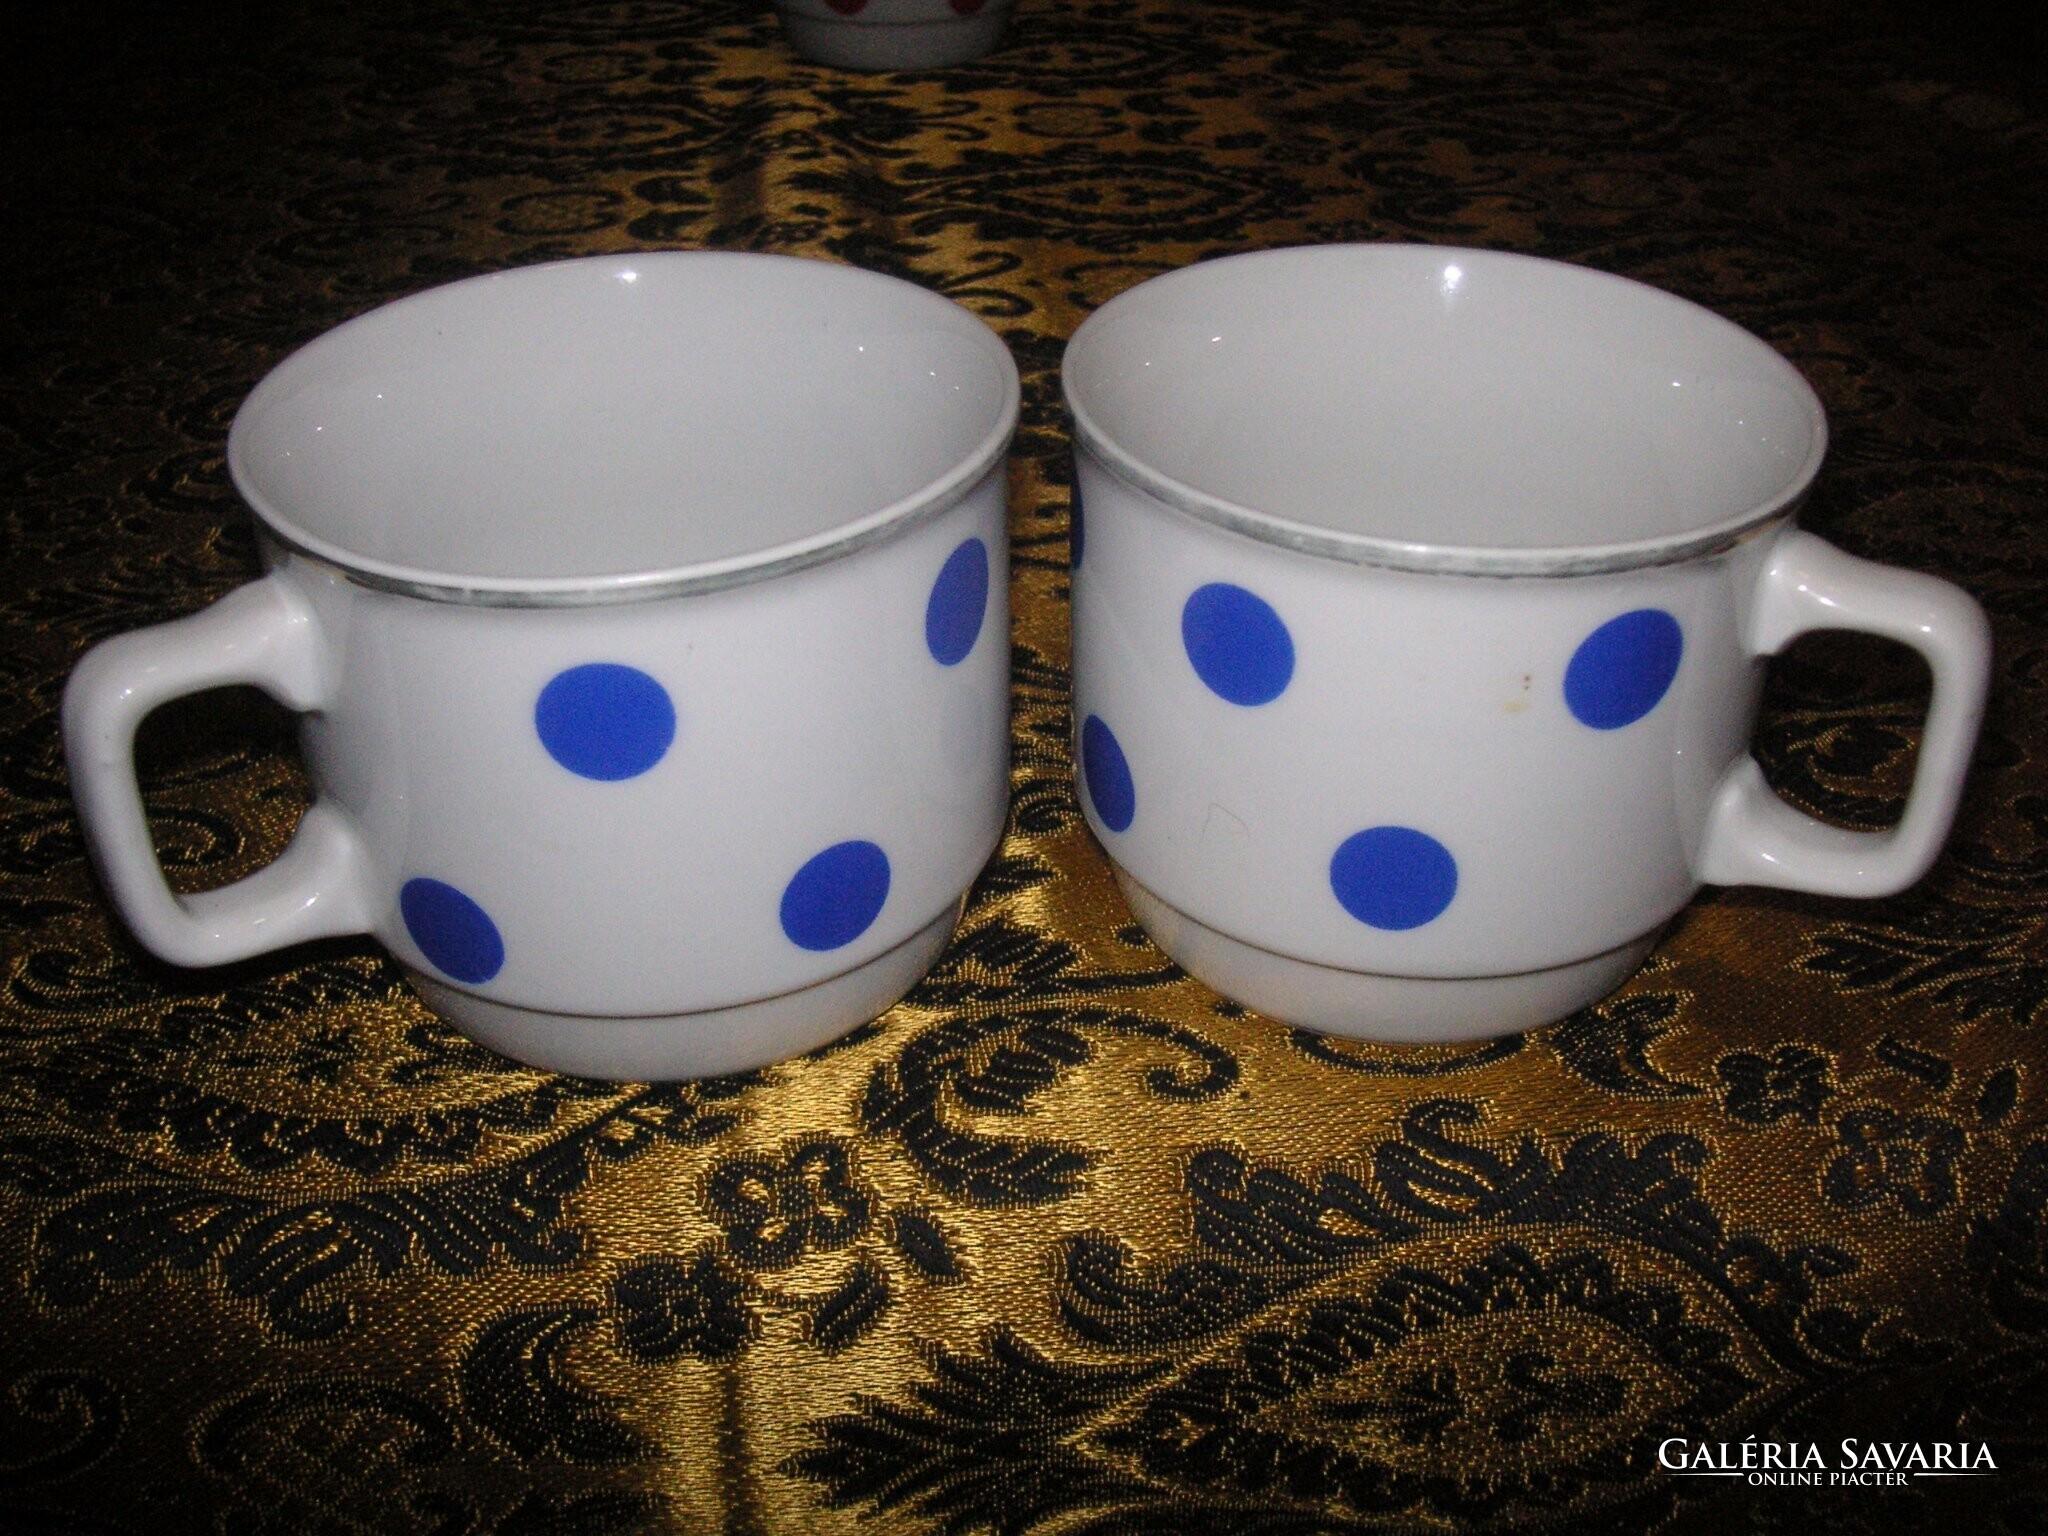 481e5cd5ce Zsolnay Bögrék - Porcelains   Galeria Savaria online antique ...